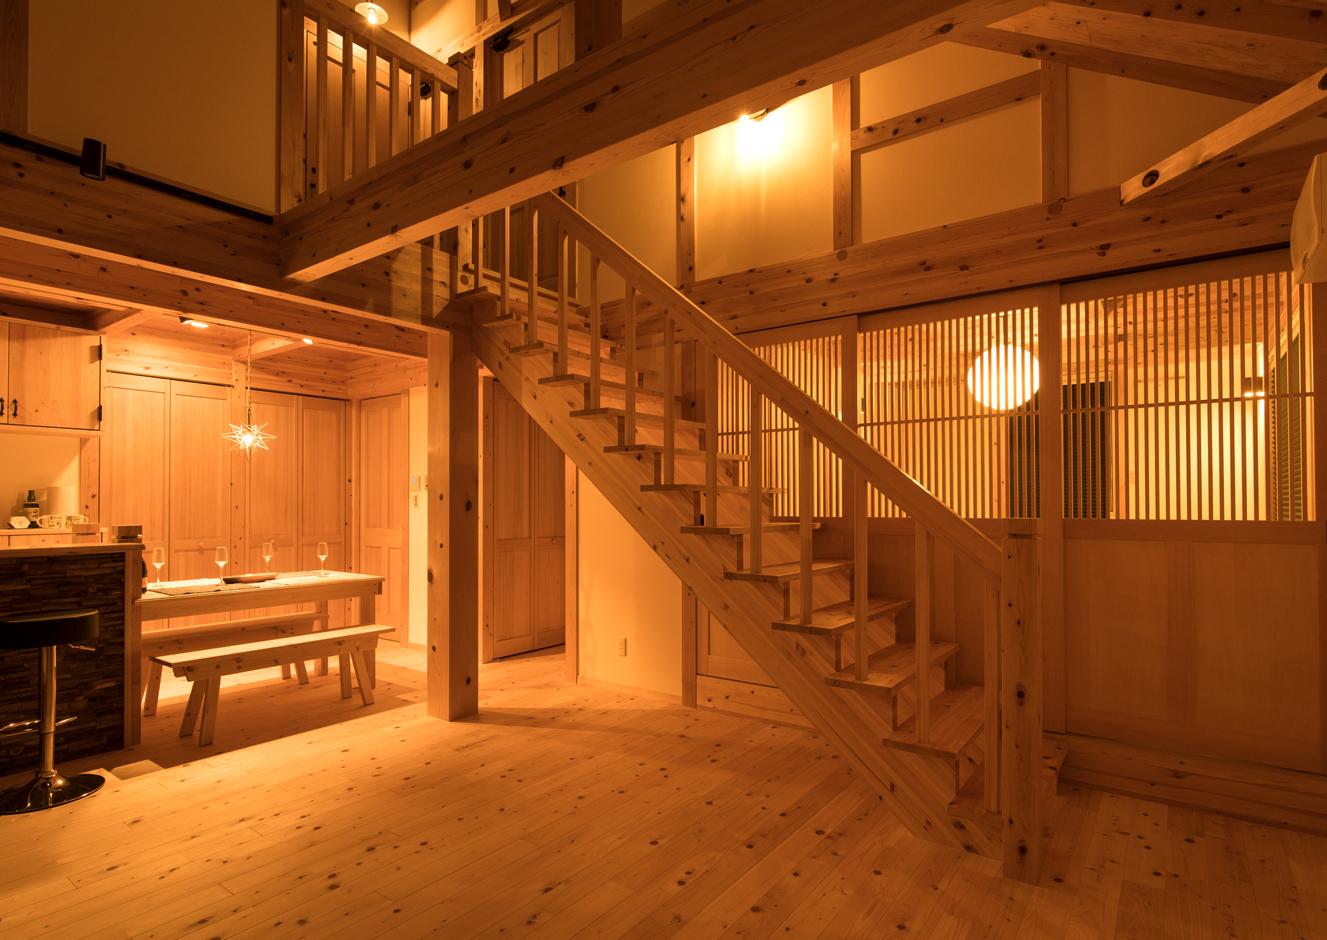 サイエンスホーム甲府店・笛吹店【笛吹市石和町下平井1263・モデルハウス】吹き抜けのLDKは、木の香りに満ち、まるで森の中にいるような心地よさ